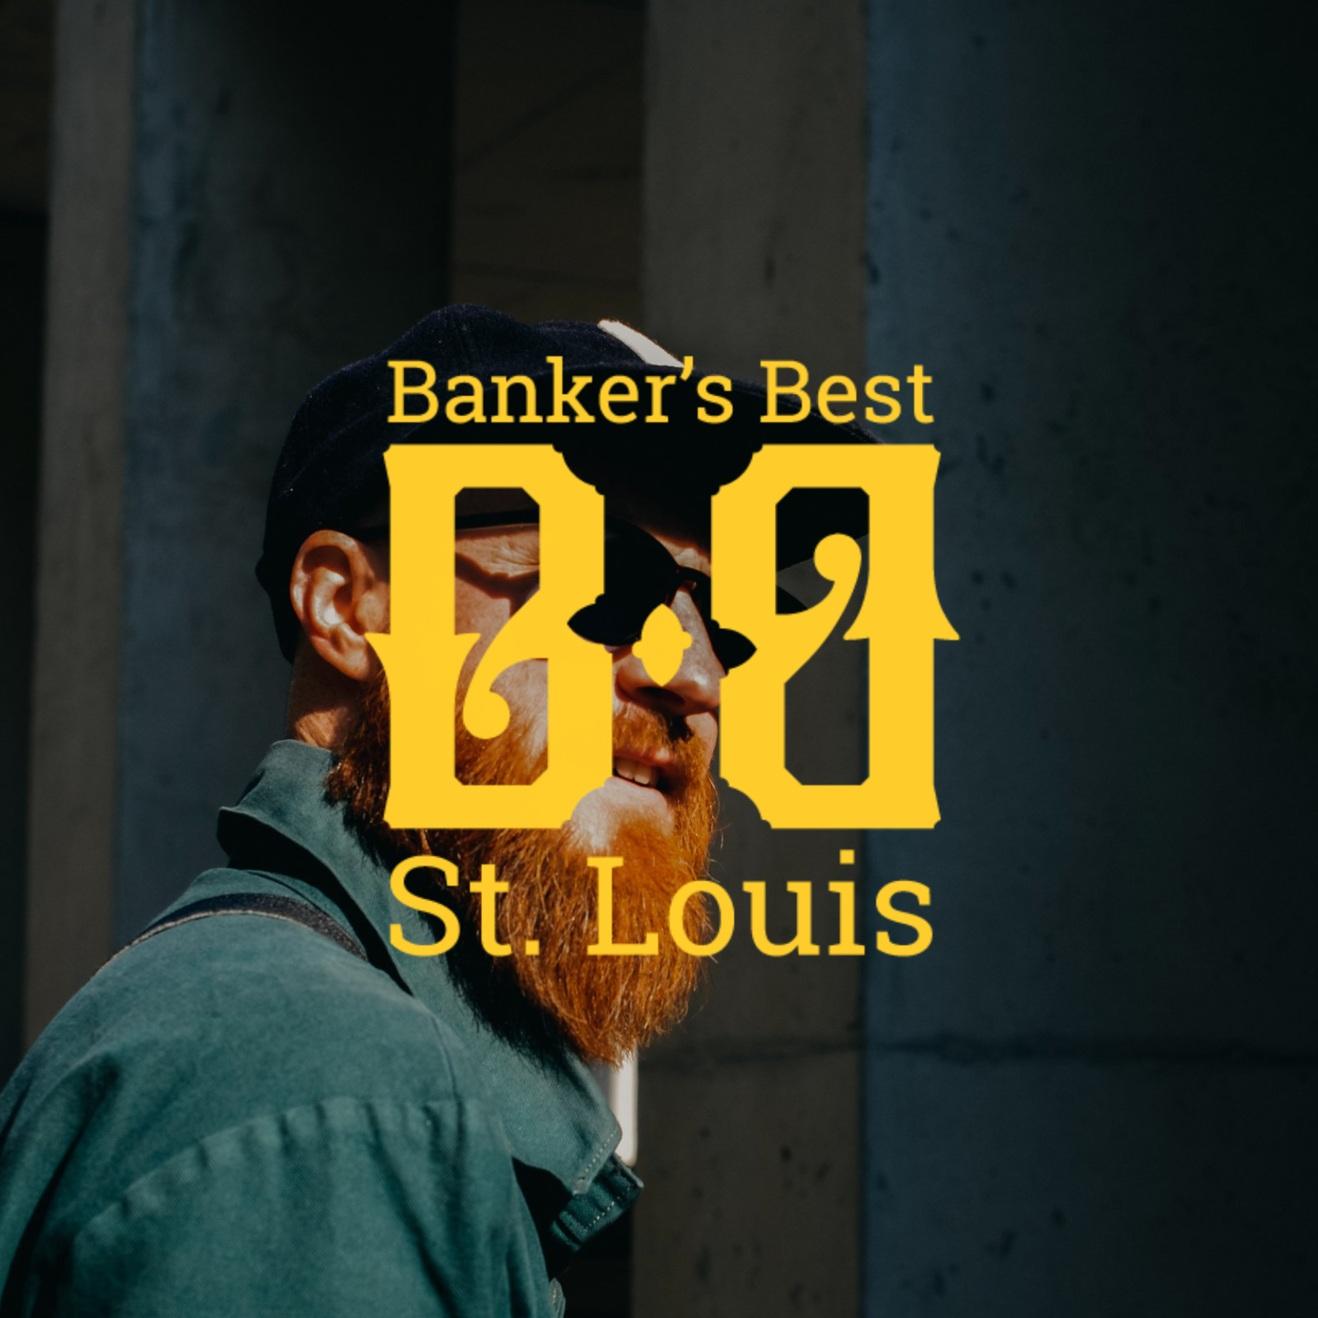 BANKER'S BEST